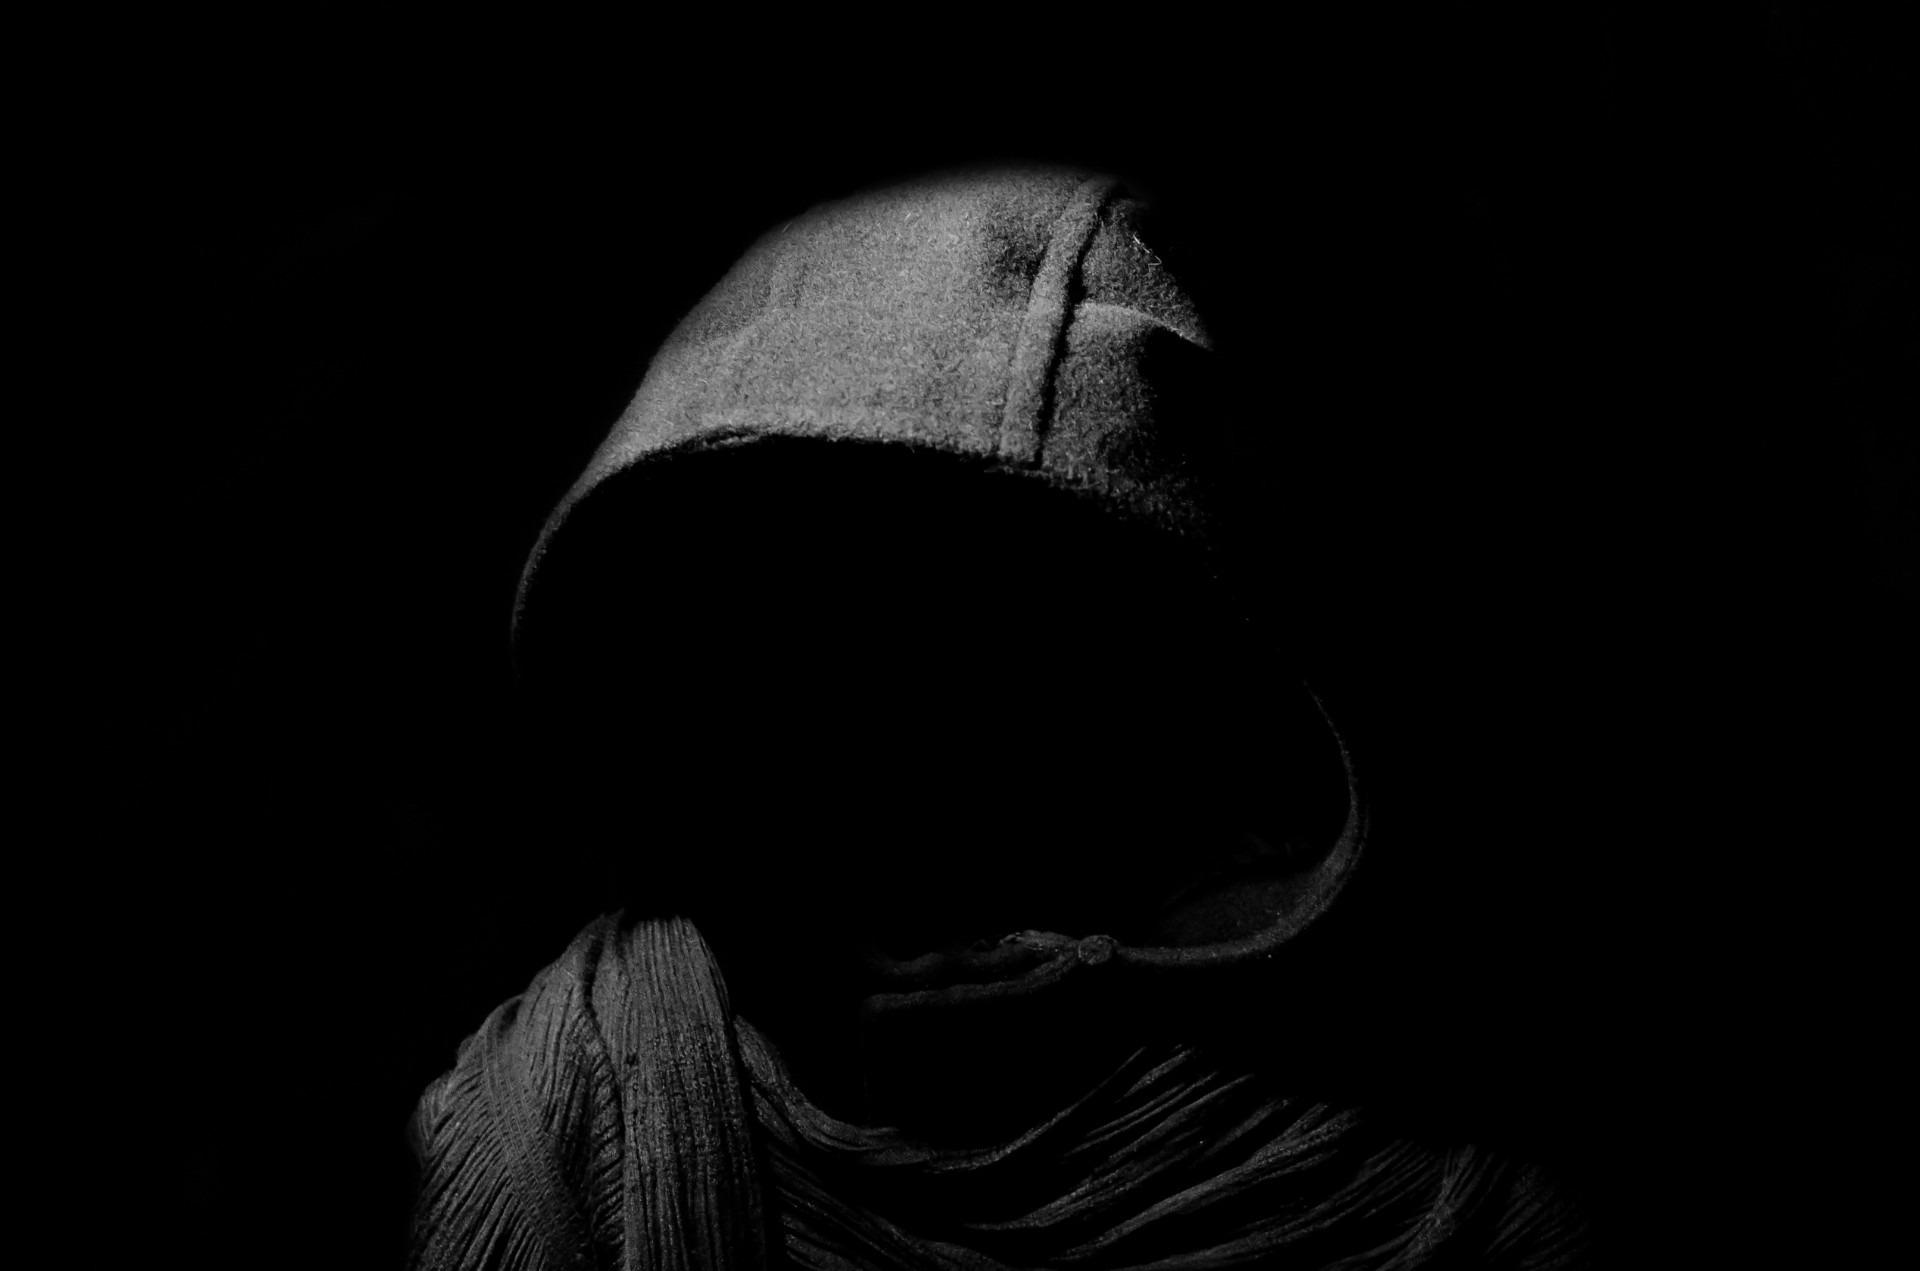 Radicalisering en terrorisme als 'wicked problem' voor de overheid